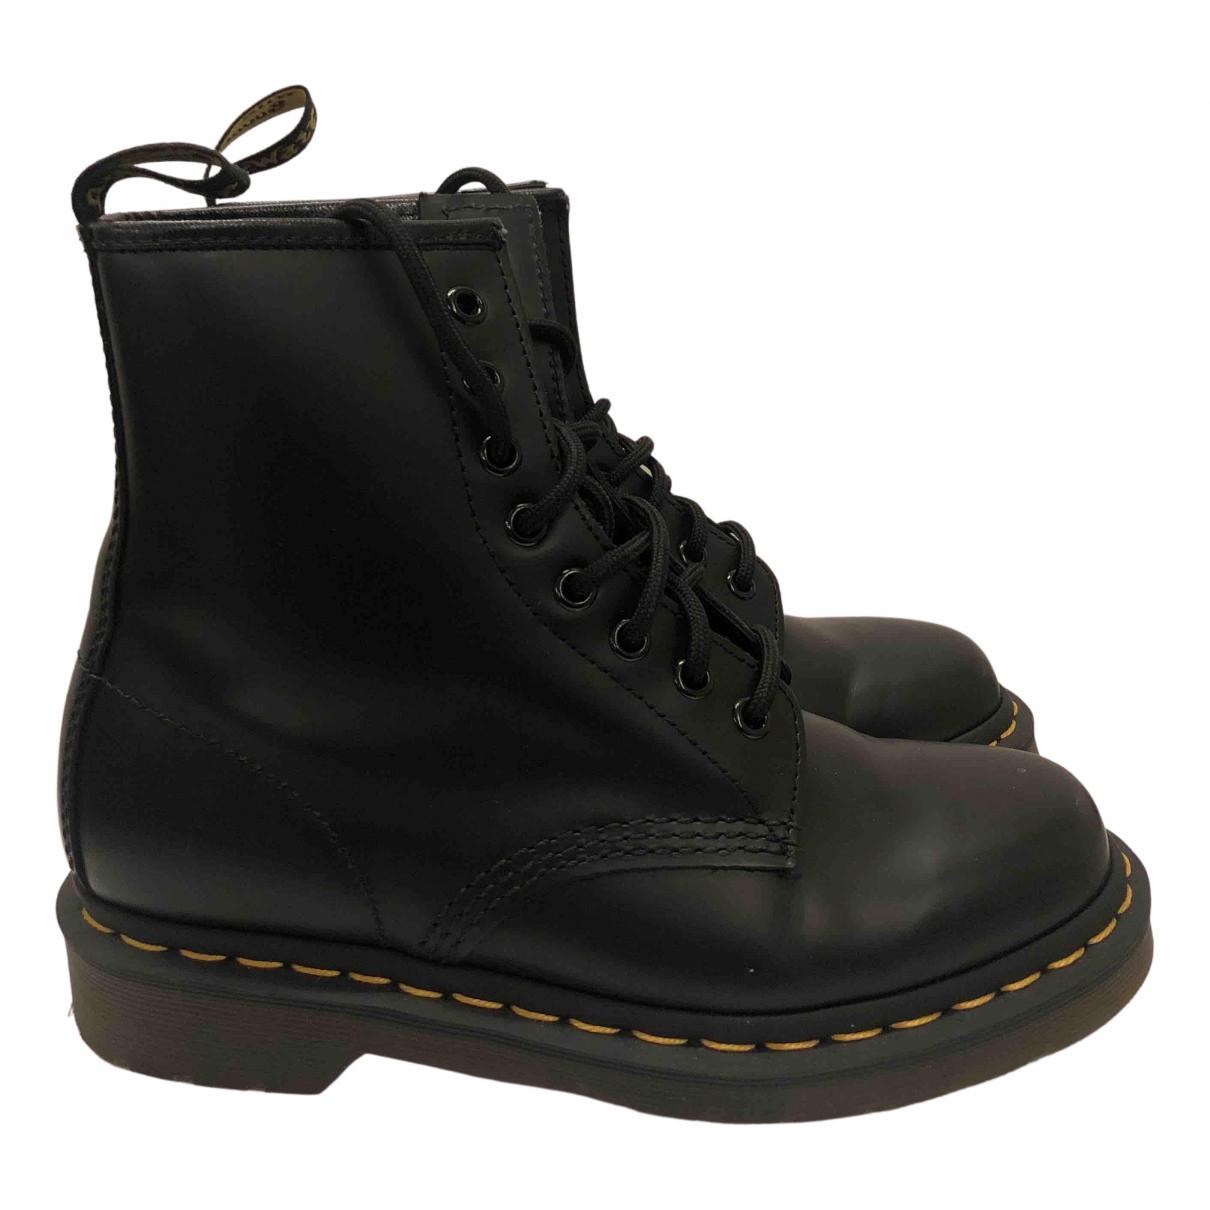 Dr. Martens - Boots 1460 Pascal (8 eye) pour femme en cuir - noir